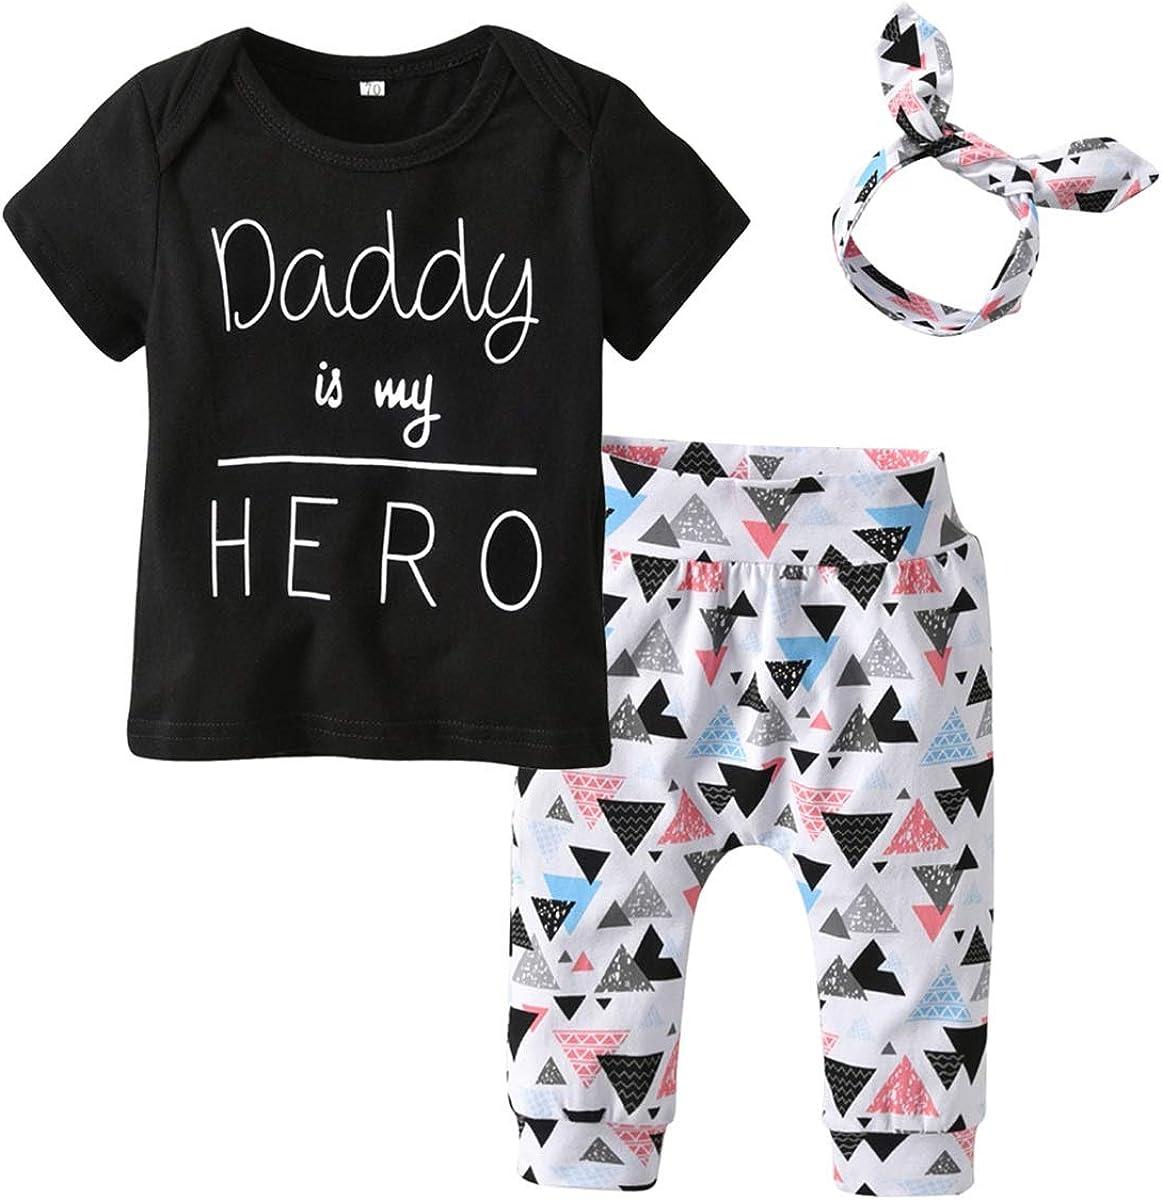 3 unids/Set Infant Toddler Boy Girl Trajes Ropa Traje Daddy Is My Hero Tops de la Camiseta + patrón de triángulo Pantalones + Diadema